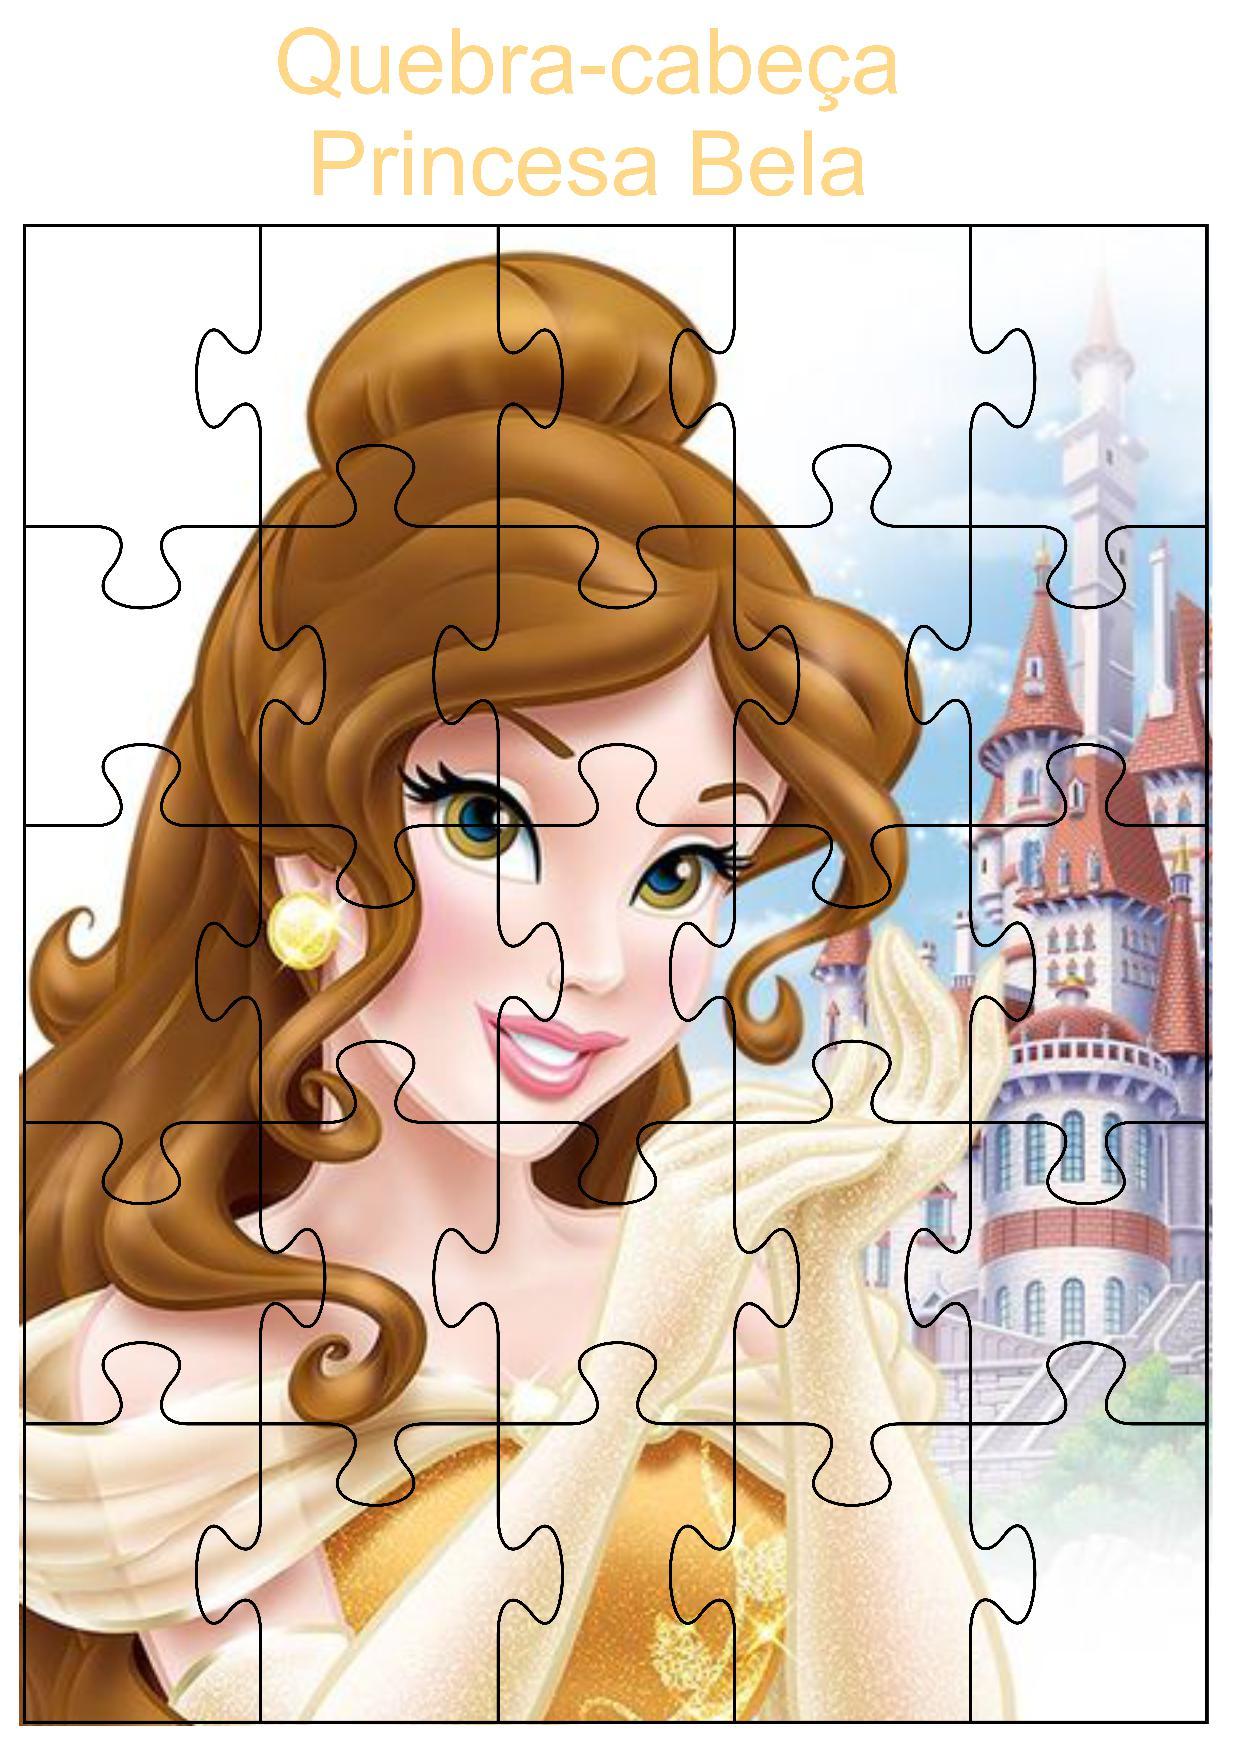 Quebra-cabeça princesa Bela